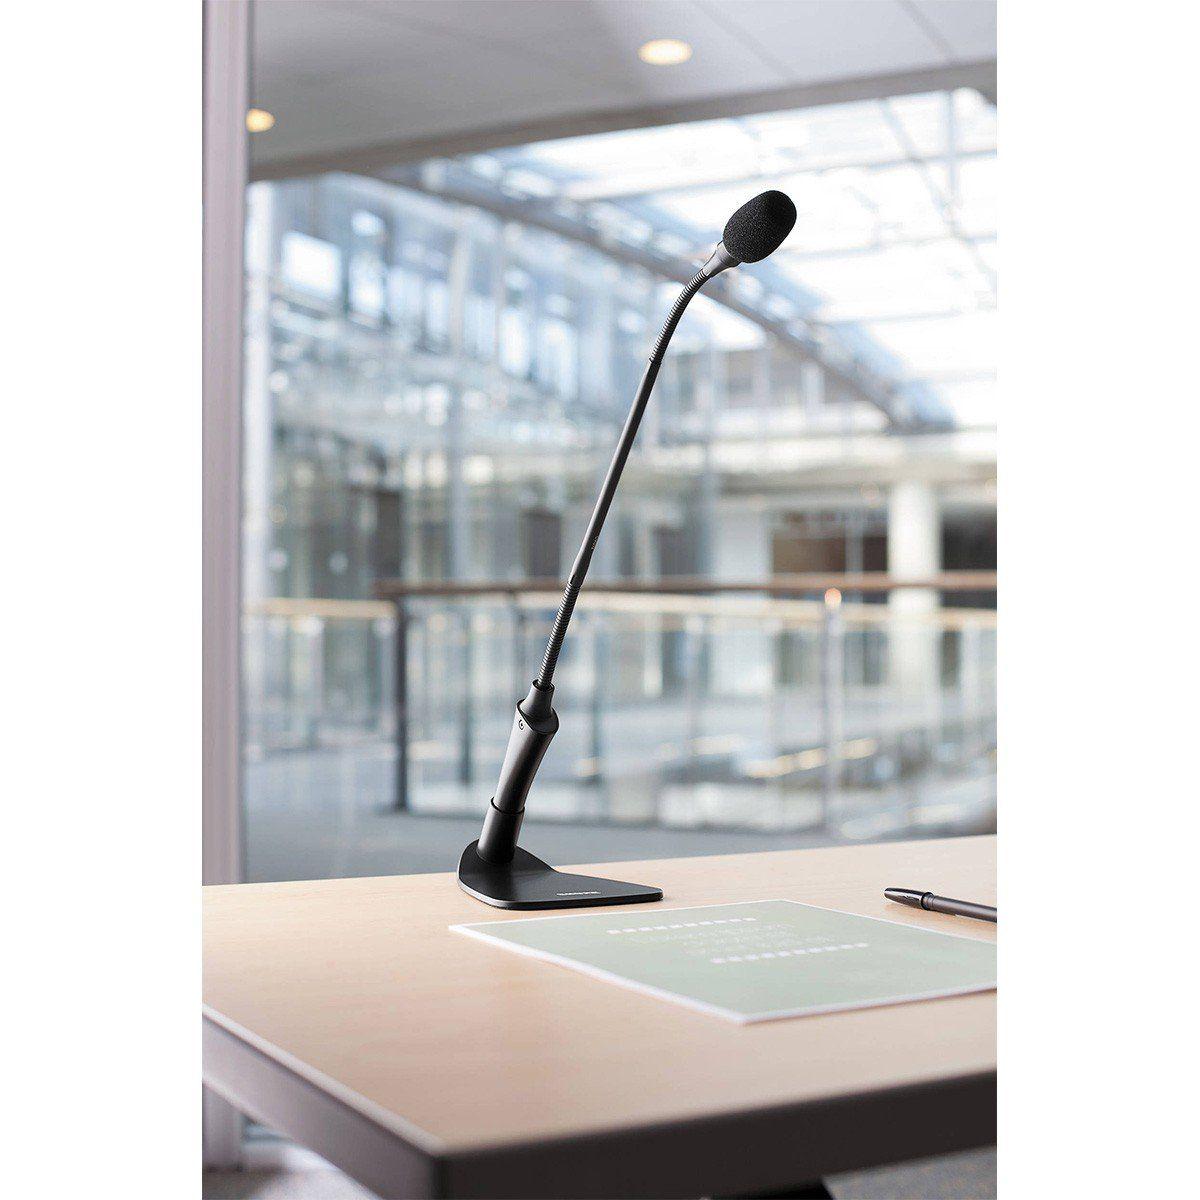 Shure CVG18B/C Microfone Condensador Gooseneck Shure CVG18BC para Apresentações